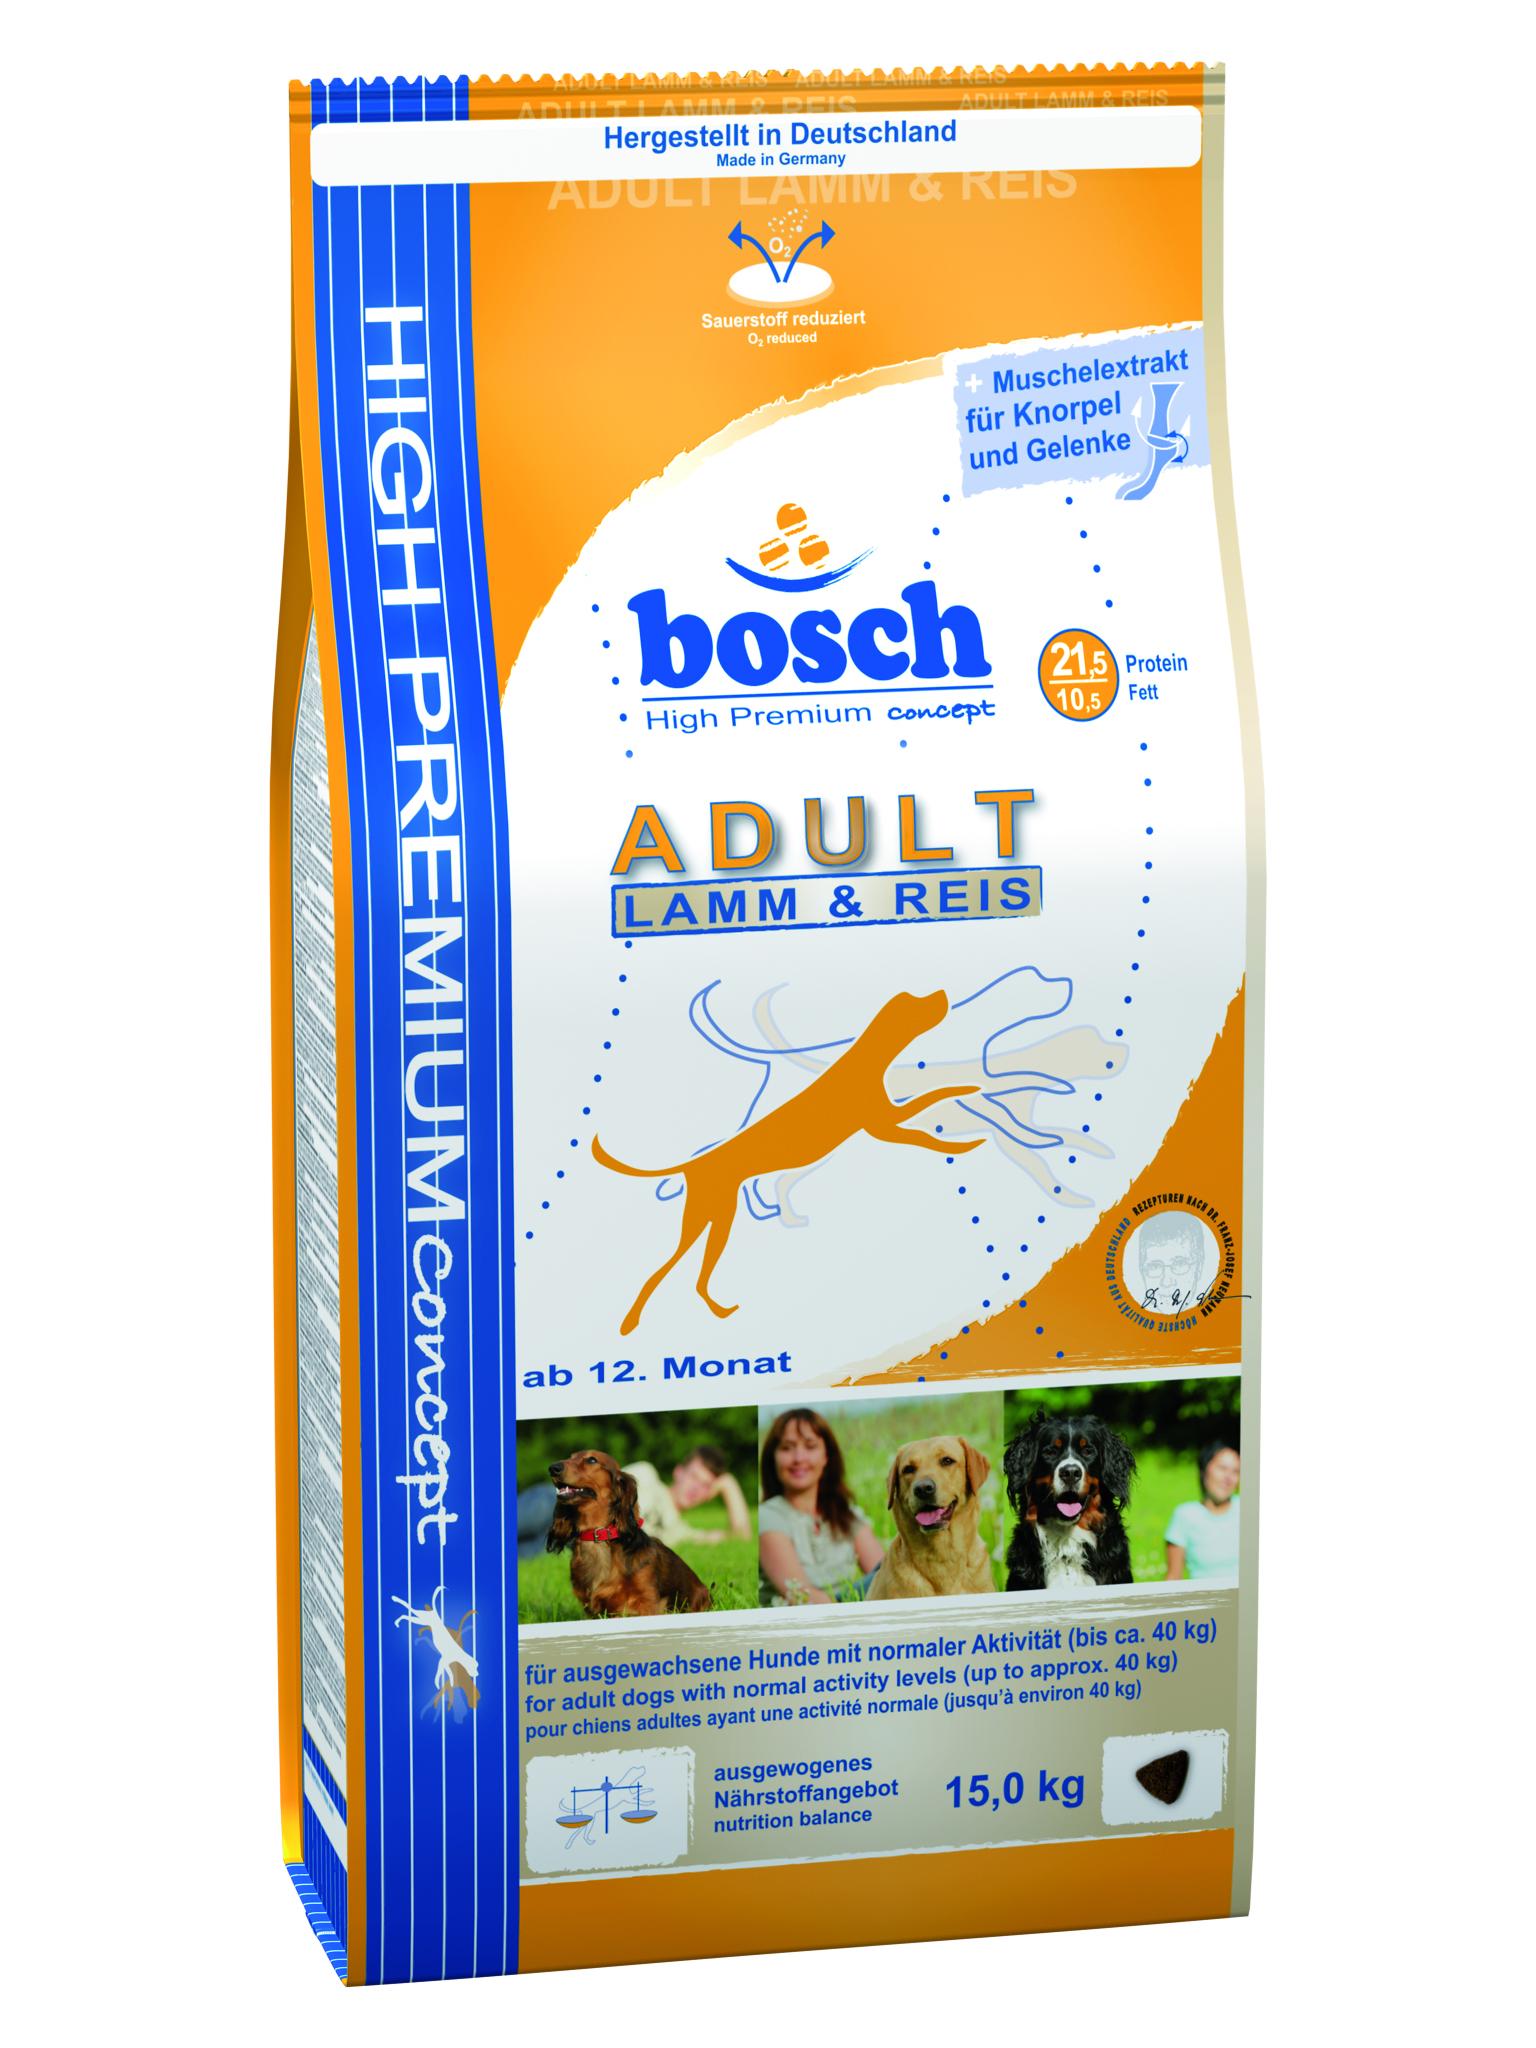 Корм сухой Bosch Adult Lamb & Rice, для взрослых собак, с ягненком и рисом, 15 кг55110015Корм сухой Bosch Adult Lamb & Rice - полноценный корм для взрослых собак средней активности. Оптимальное соотношение протеина и жира обеспечивает животное необходимой энергией на целый день. Bosch adult lamb & rice легко усвояем, что обеспечивает организму нормальное пищеварение, а благодаря высококачественному мясу ягненка, которое имеет очень низкий аллергенный потенциал, данный корм подходит для собак склонных к аллергии. Состав: мясо домашней птицы, ячмень, кукуруза, пшеничная мука, пшеница, мука из мяса ягнёнка, рис, просеянные пшеничные отруби, животный жир, гидролизованное мясо, рыбная мука, свекольная пульпа, рыбий жир, дрожжи, горох, поваренная соль, мука из мидий, хлорид калия, цикориевая пудра. Добавки (в 1 кг): Питательные добавки: Витамин А: 12,000 МЕ/кг, Витамин D3: 1,200 МЕ/кг, Витамин Е: 70 мг. Содержание питательных веществ: протеин 21,5%, содержание жира 10,5%, клетчатка 2,5%, минеральные вещества 6%, влажность...